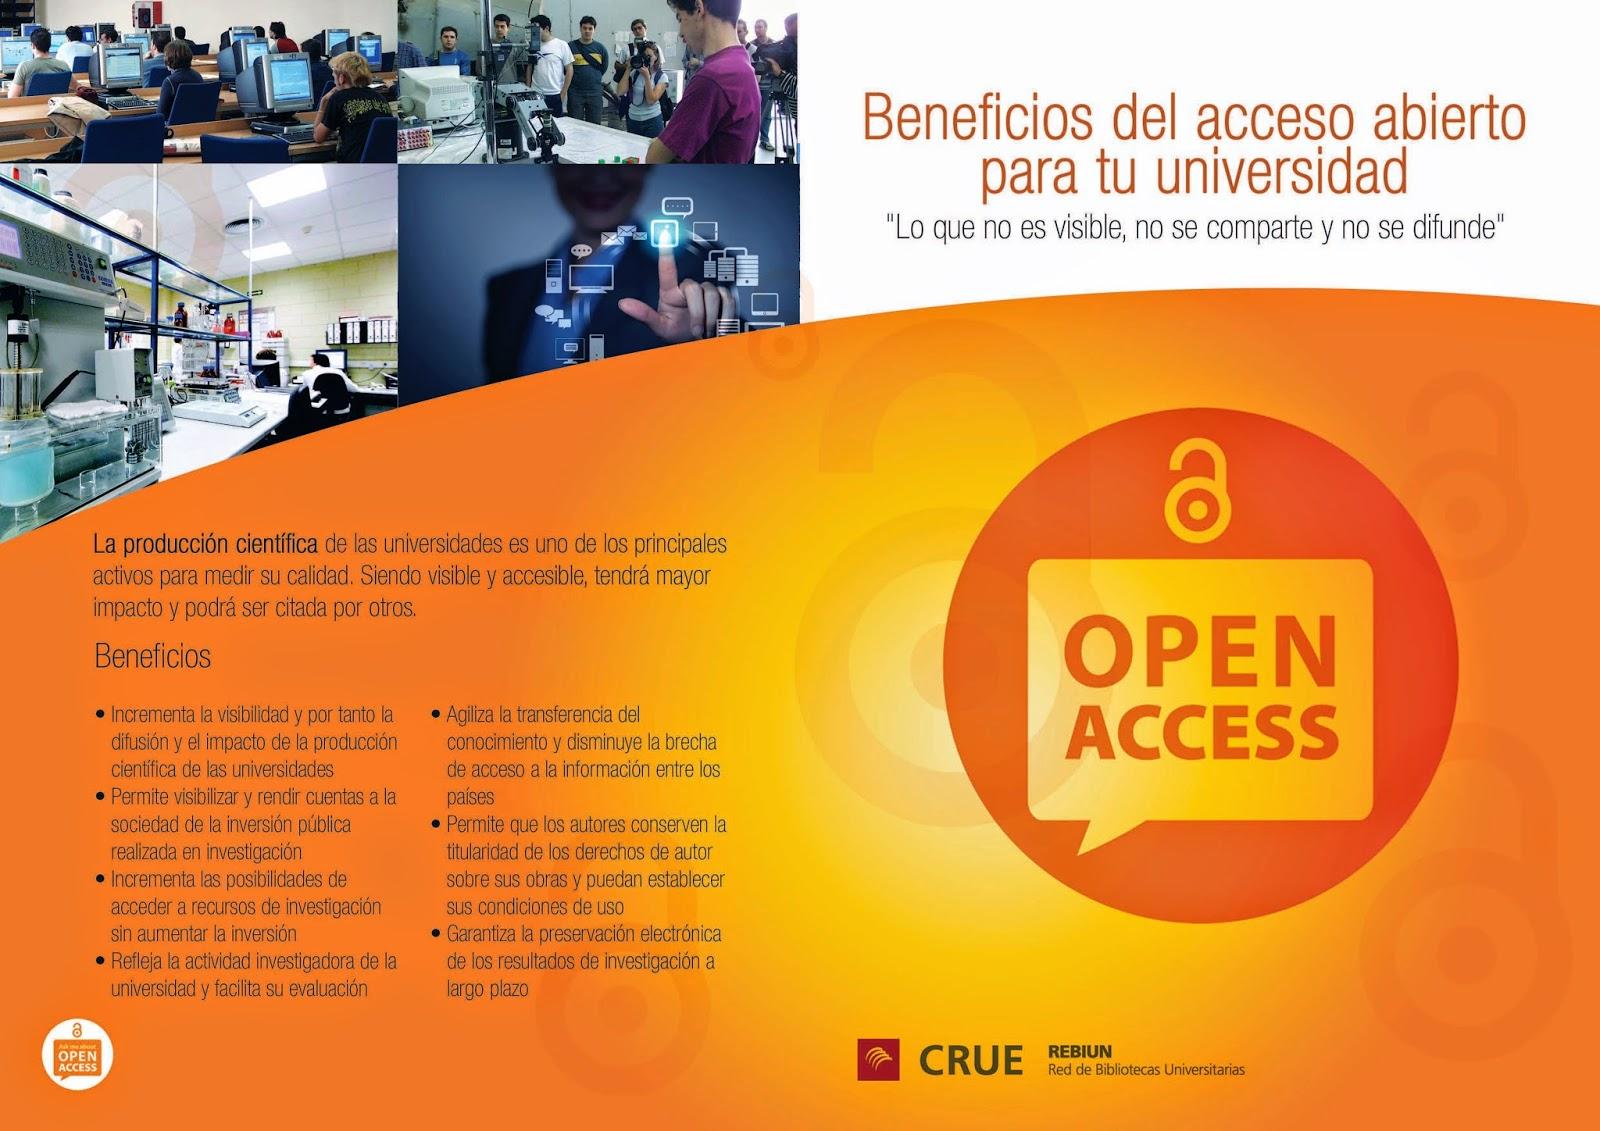 Resultado de imagen de beneficios del acceso abierto rebiun